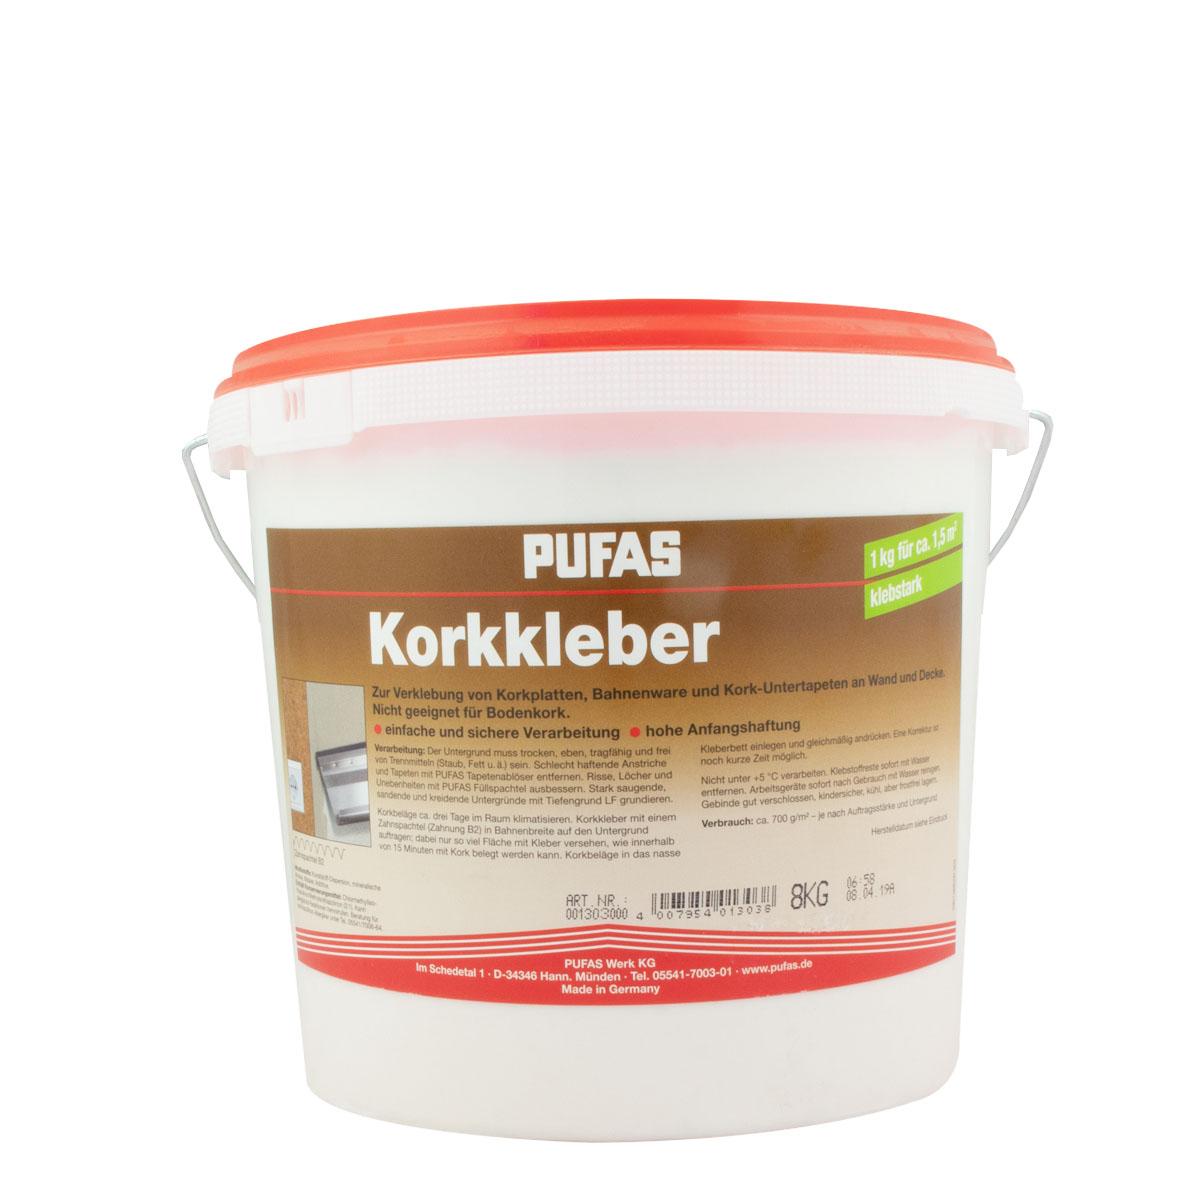 Pufas Korkkleber 8kg, gebrauchsfertiger Dispersionskleber (2x4kg)